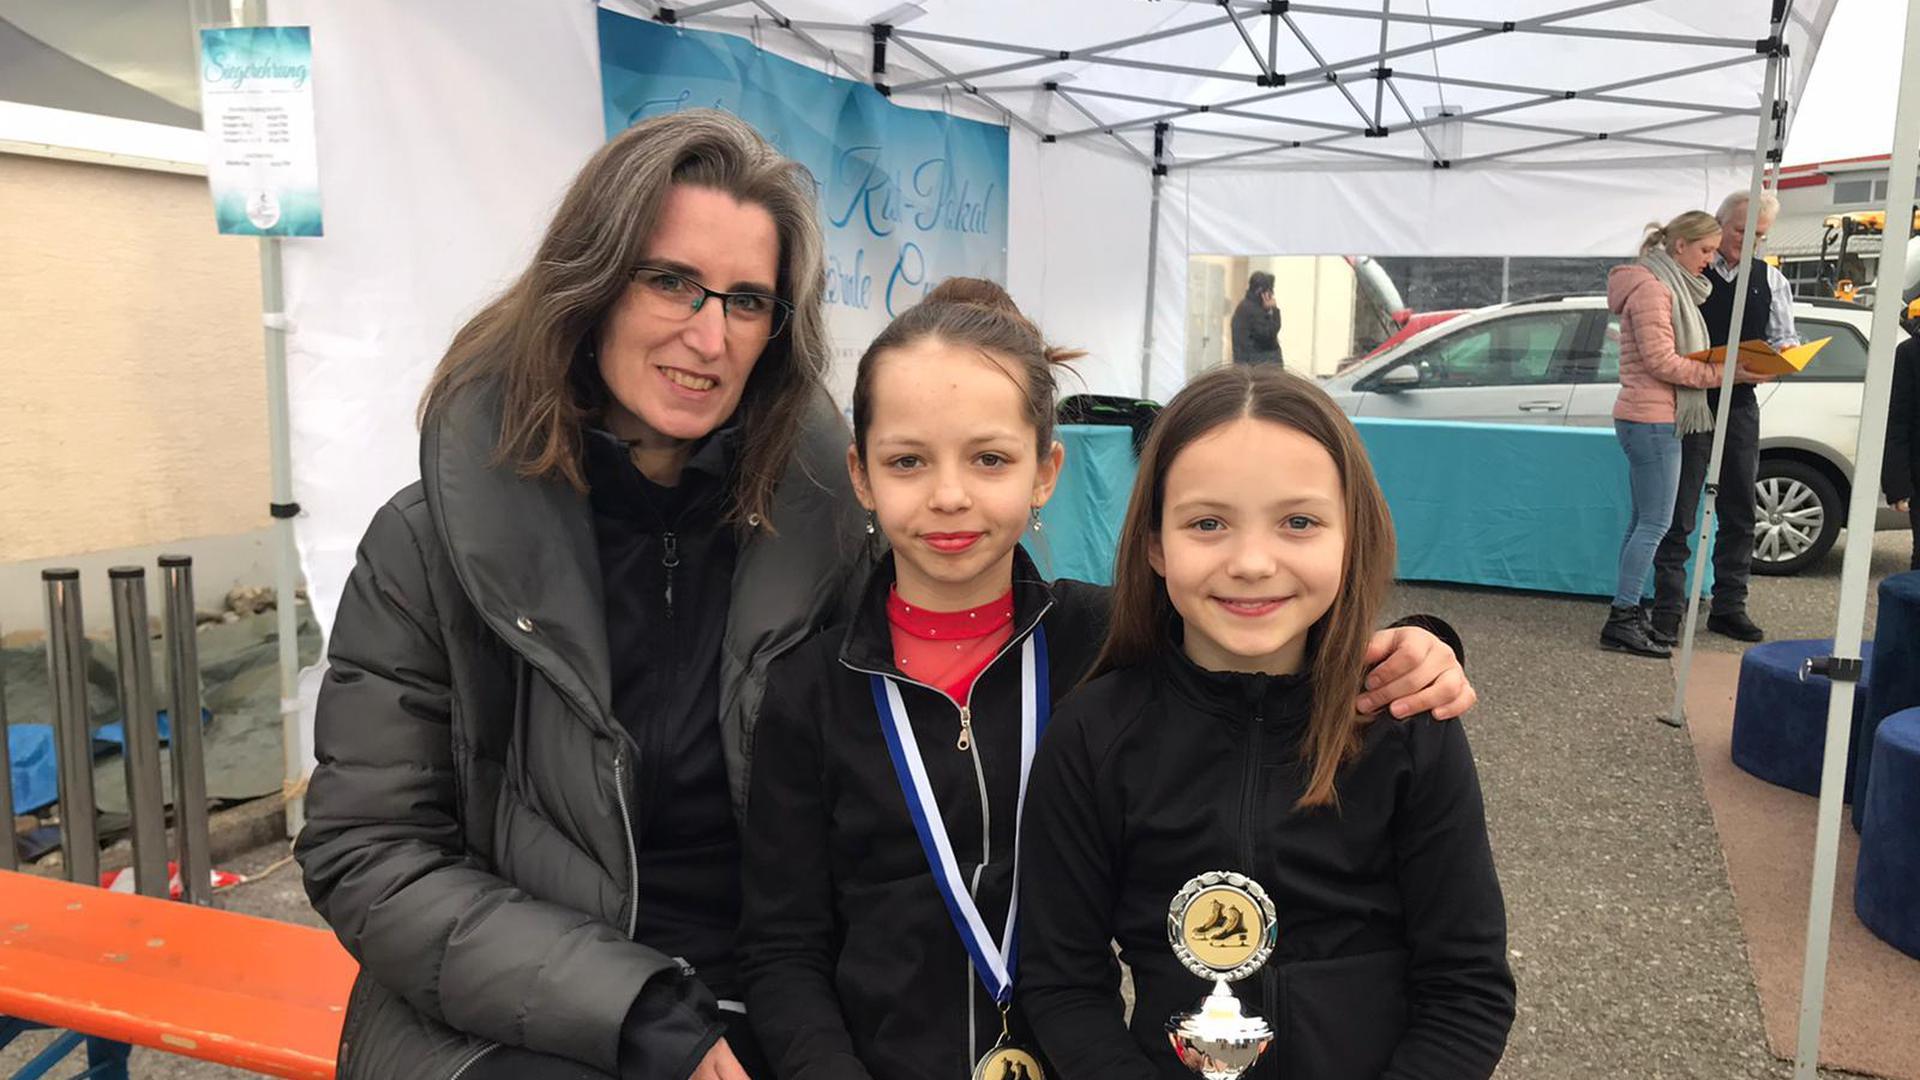 Auf dem richtigen Weg: Dank intensiver Arbeit feierten die Eiskunstläufer des 1. CfR Pforzheim – hier Trainerin Sonja Adalbert (von links) mit Lea und Greta Todt beim letzten Wettkampf vor dem Lockdown im Februar – erste Erfolge.